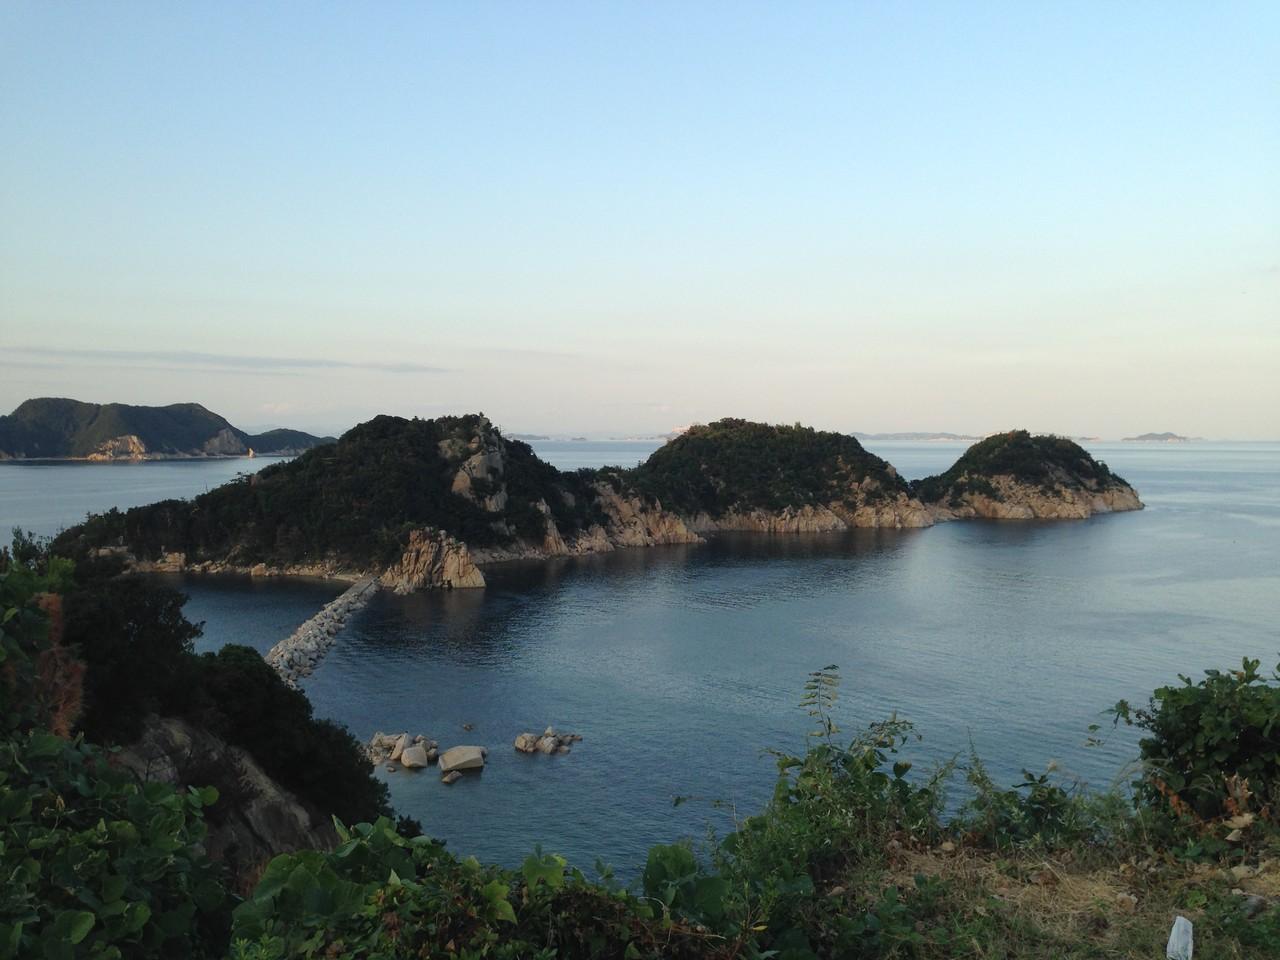 坂手から福田の間にある百景に登録されているとこ。